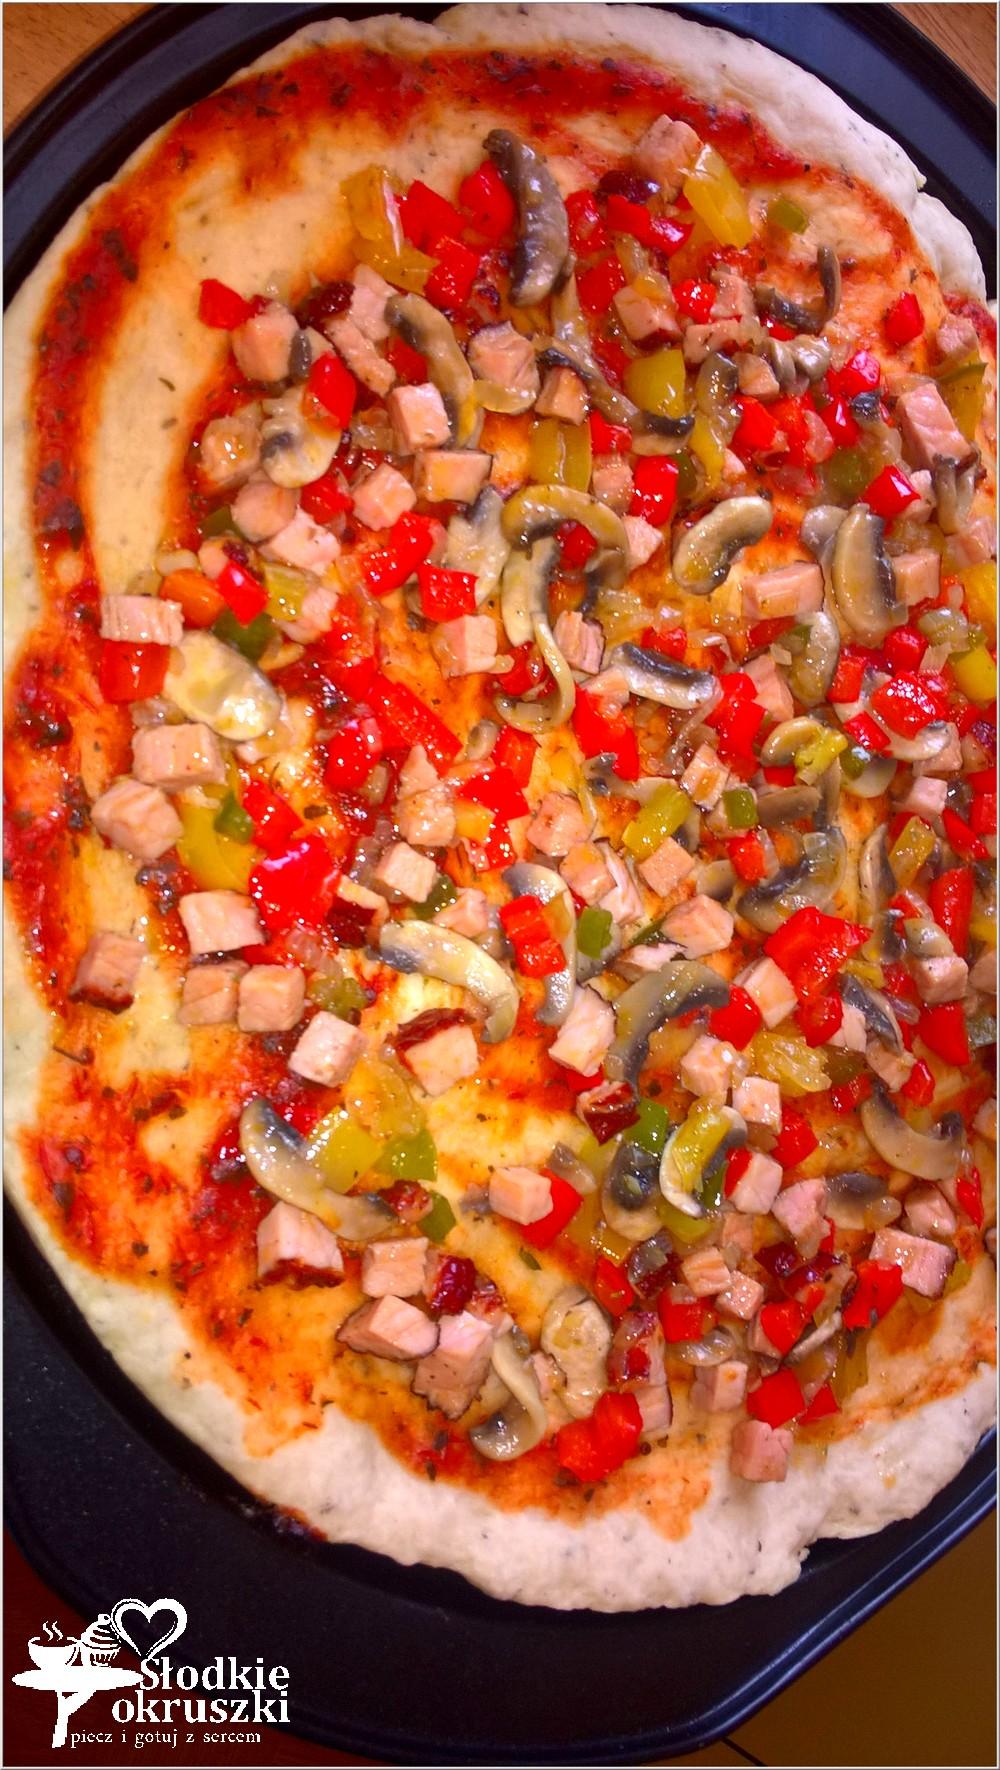 domowa-pizza-na-ziolowym-cienkim-ciescie-5